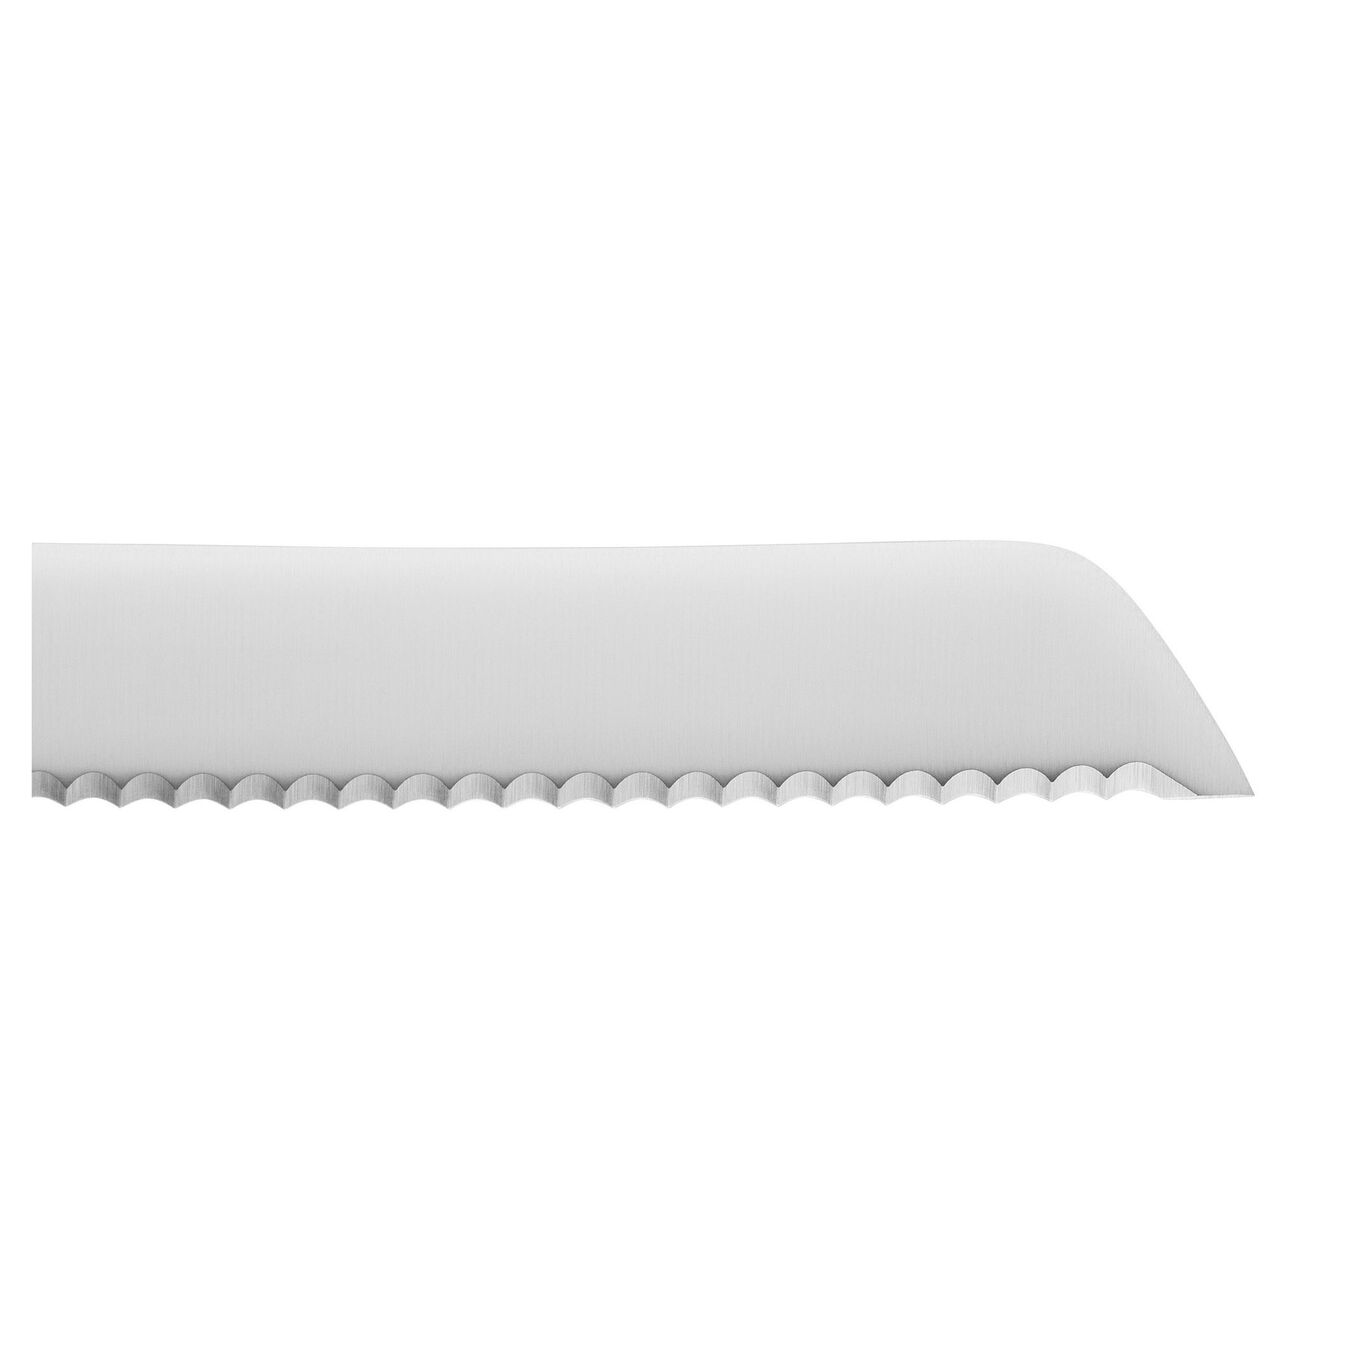 Brotmesser 20 cm, (keine spezielle Farbe),,large 4